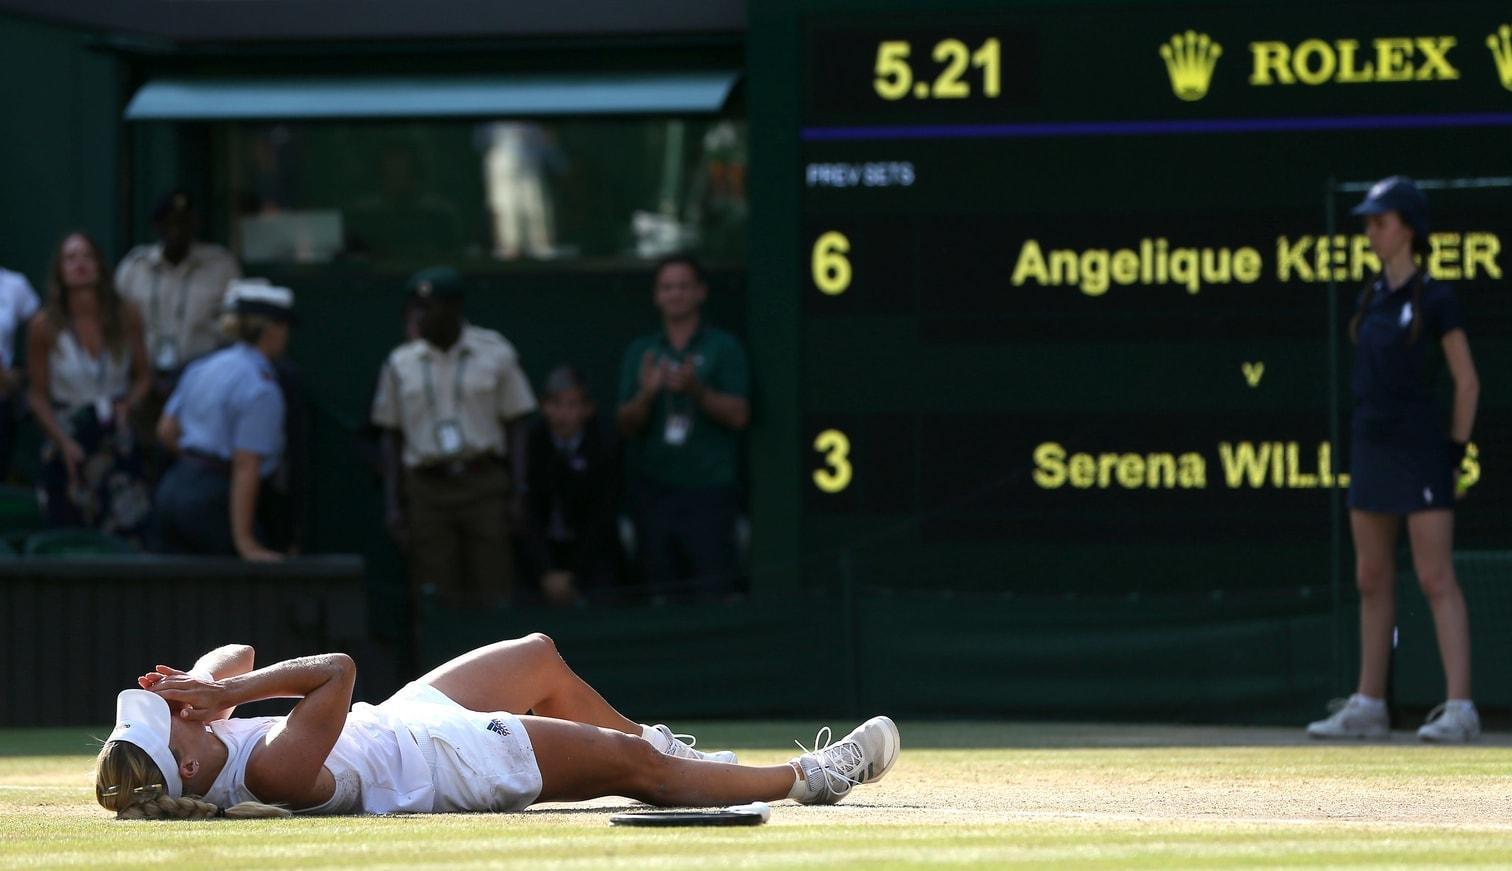 <p>Sie hatte zuvor im Finale Serena Williams 6:3